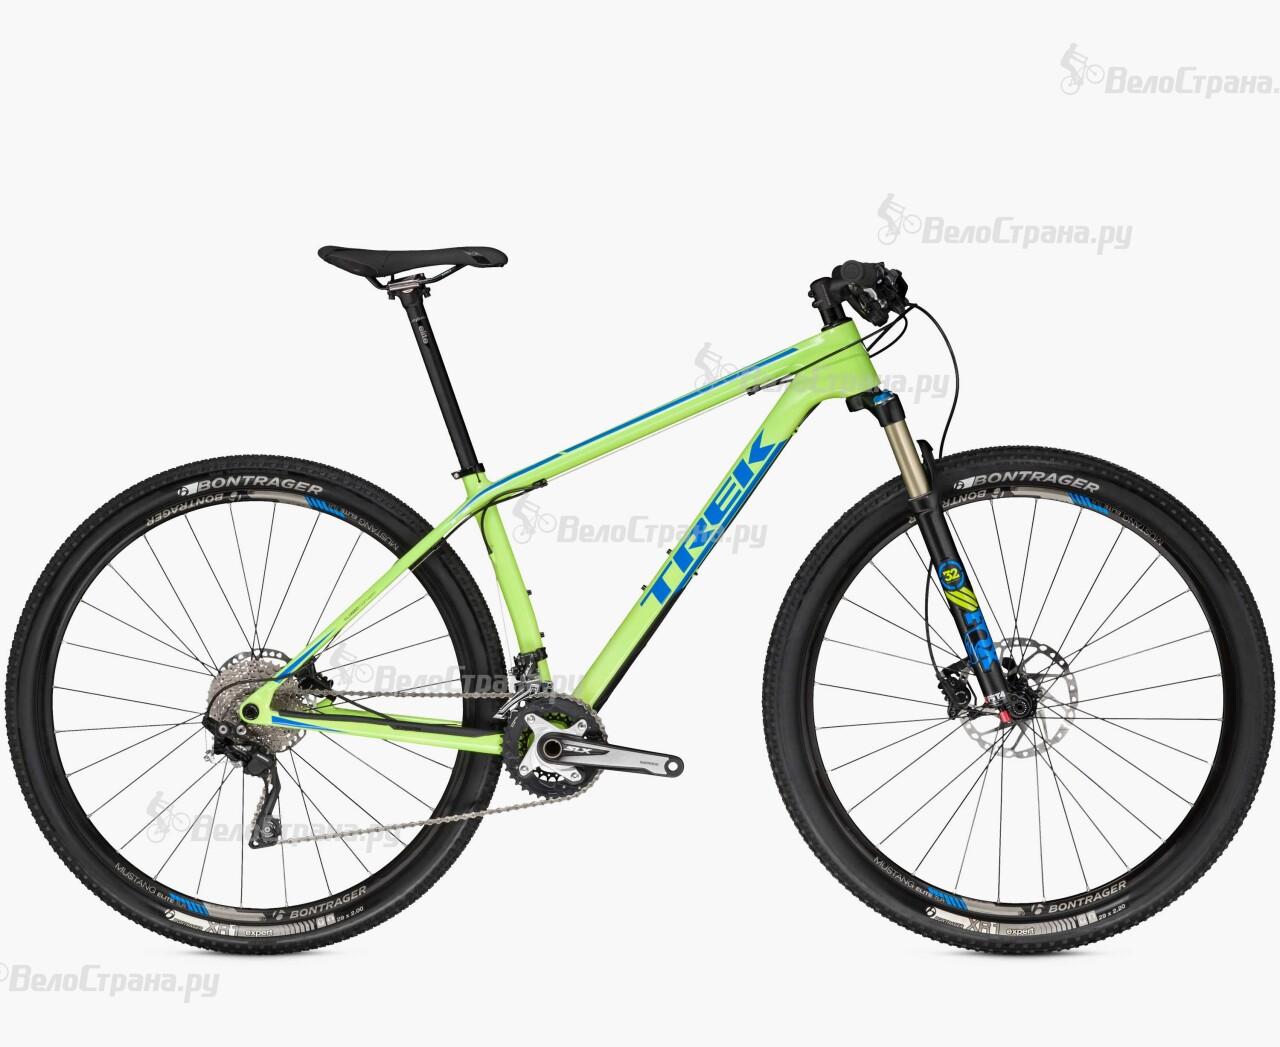 Велосипед Trek Superfly 9.7 29 (2016)